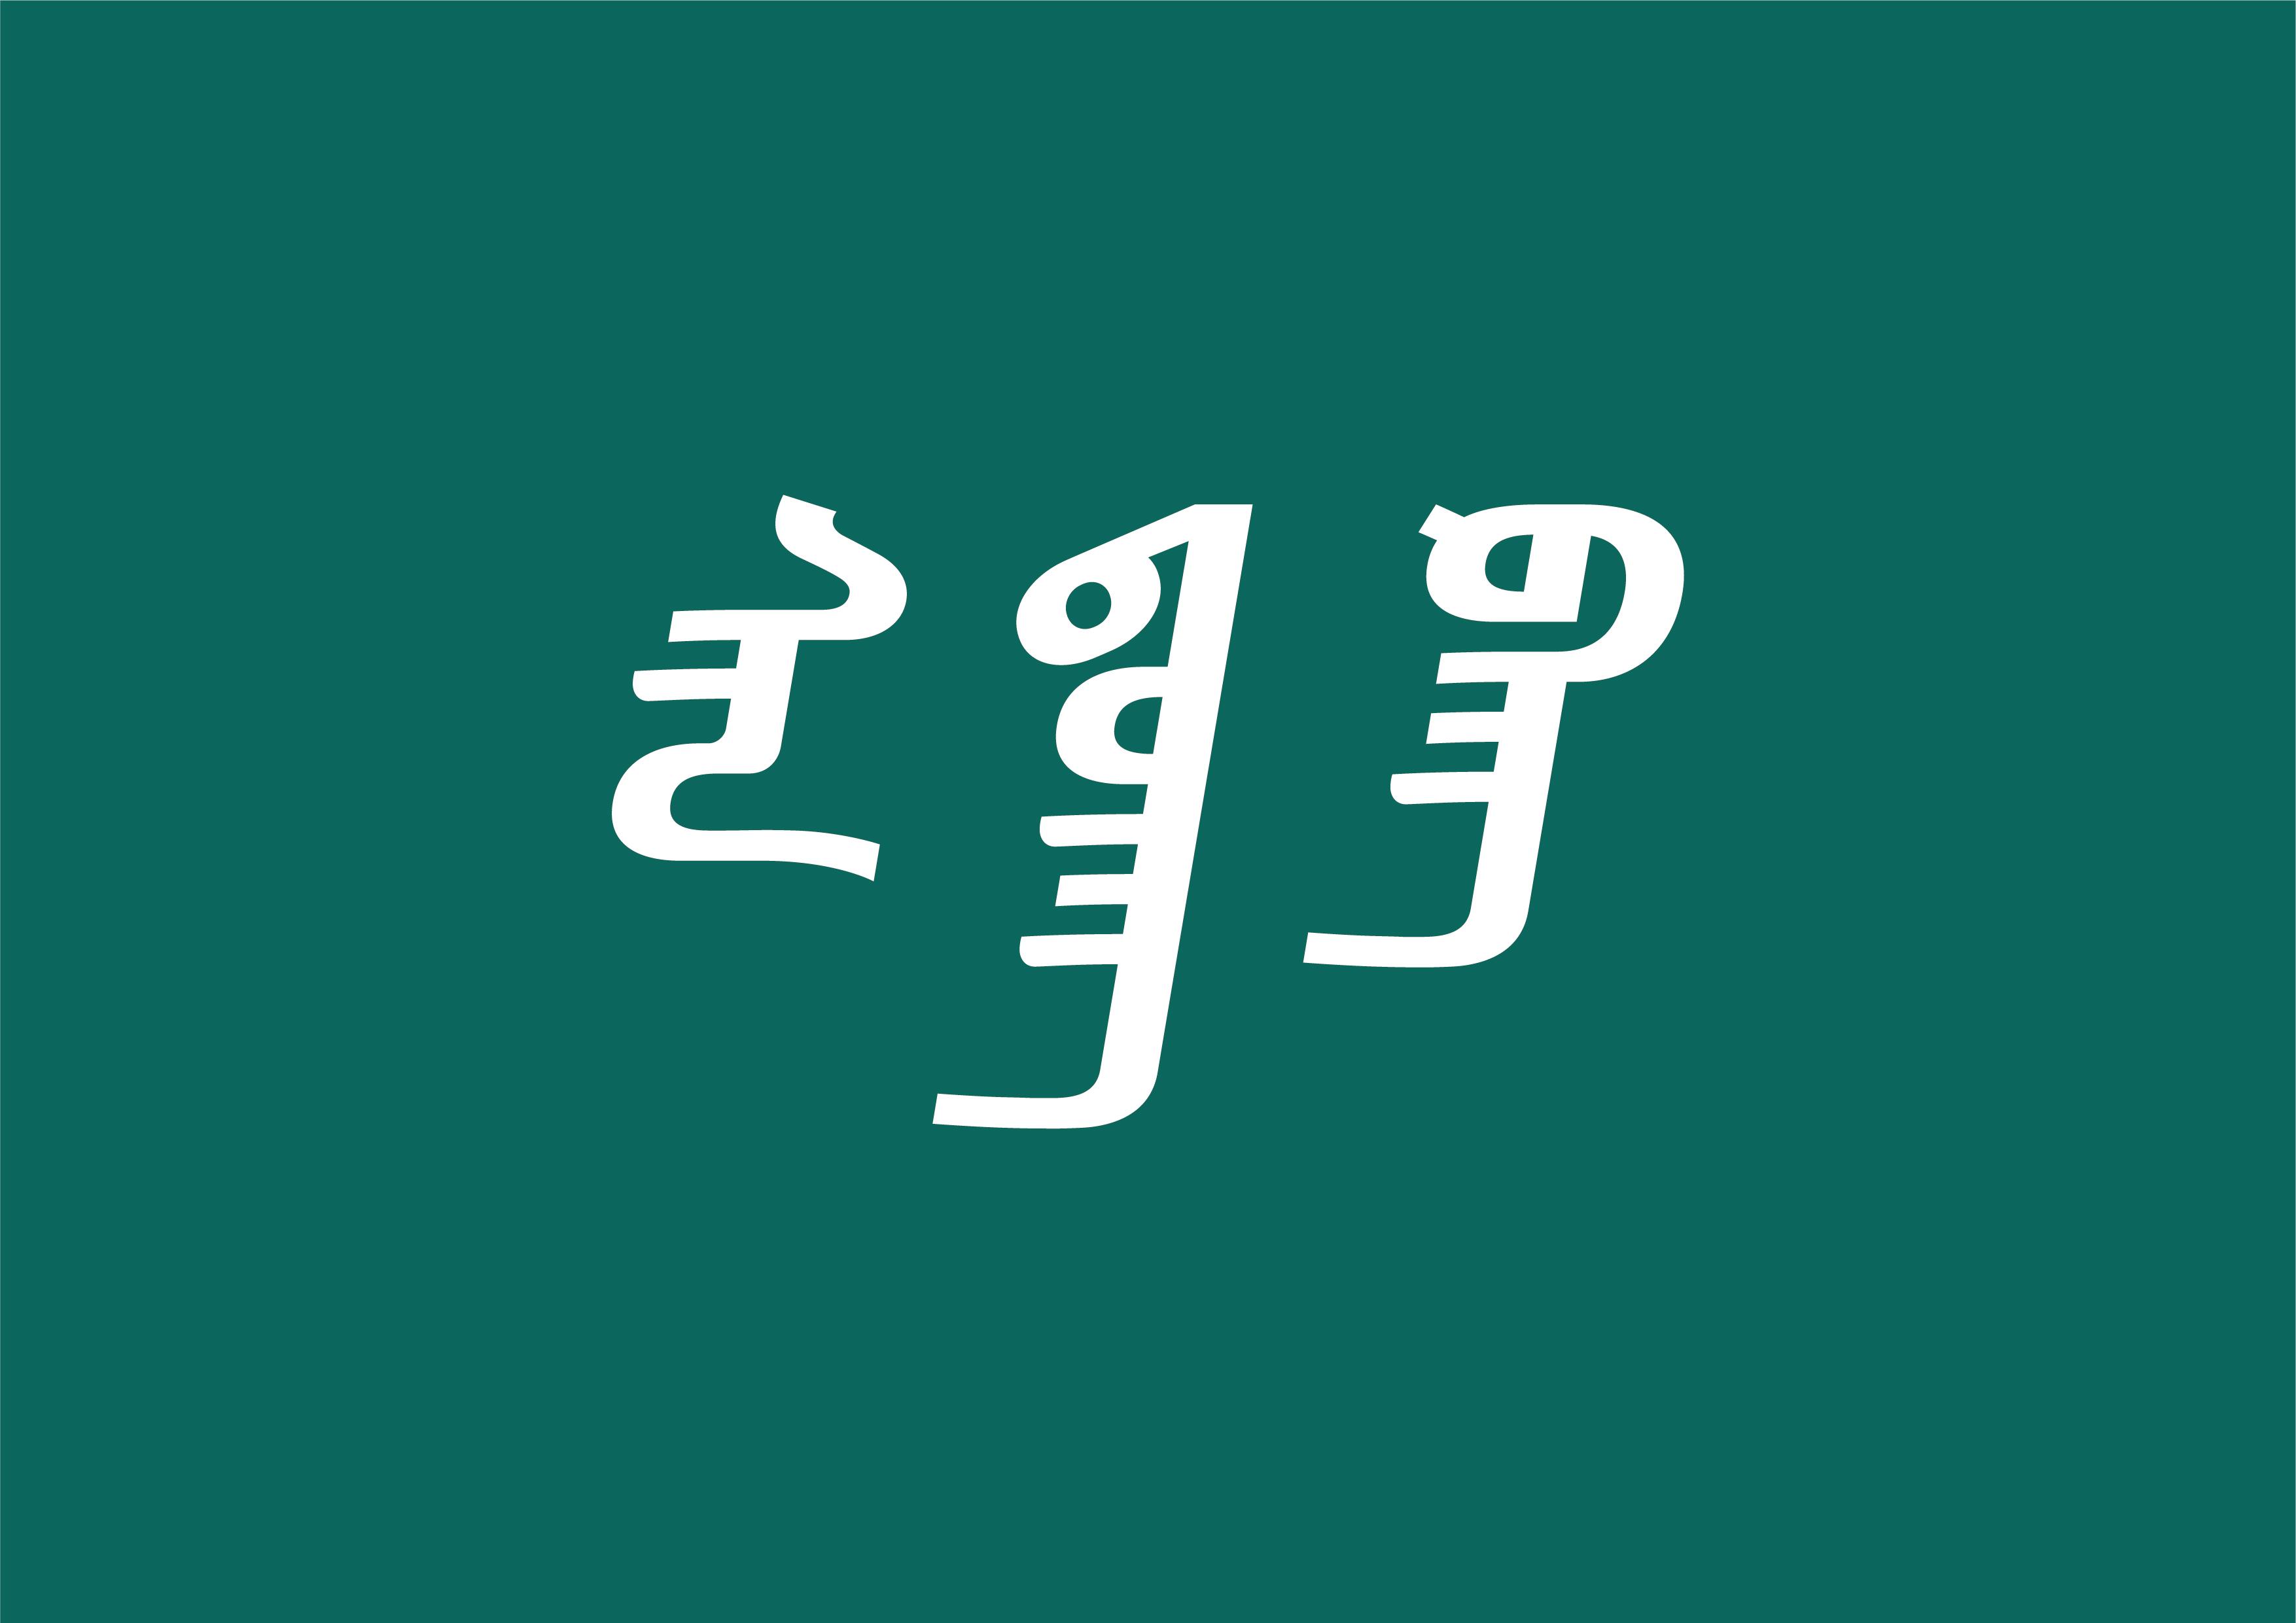 新东方蒙古文字体设计 第4张 新东方蒙古文字体设计 蒙古设计